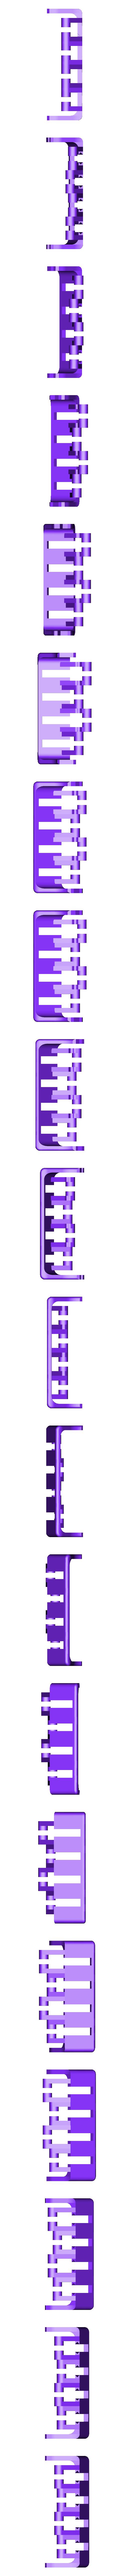 outer_frame_left_side.stl Download free STL file 8 legged spider robot • 3D print design, brianbrocken